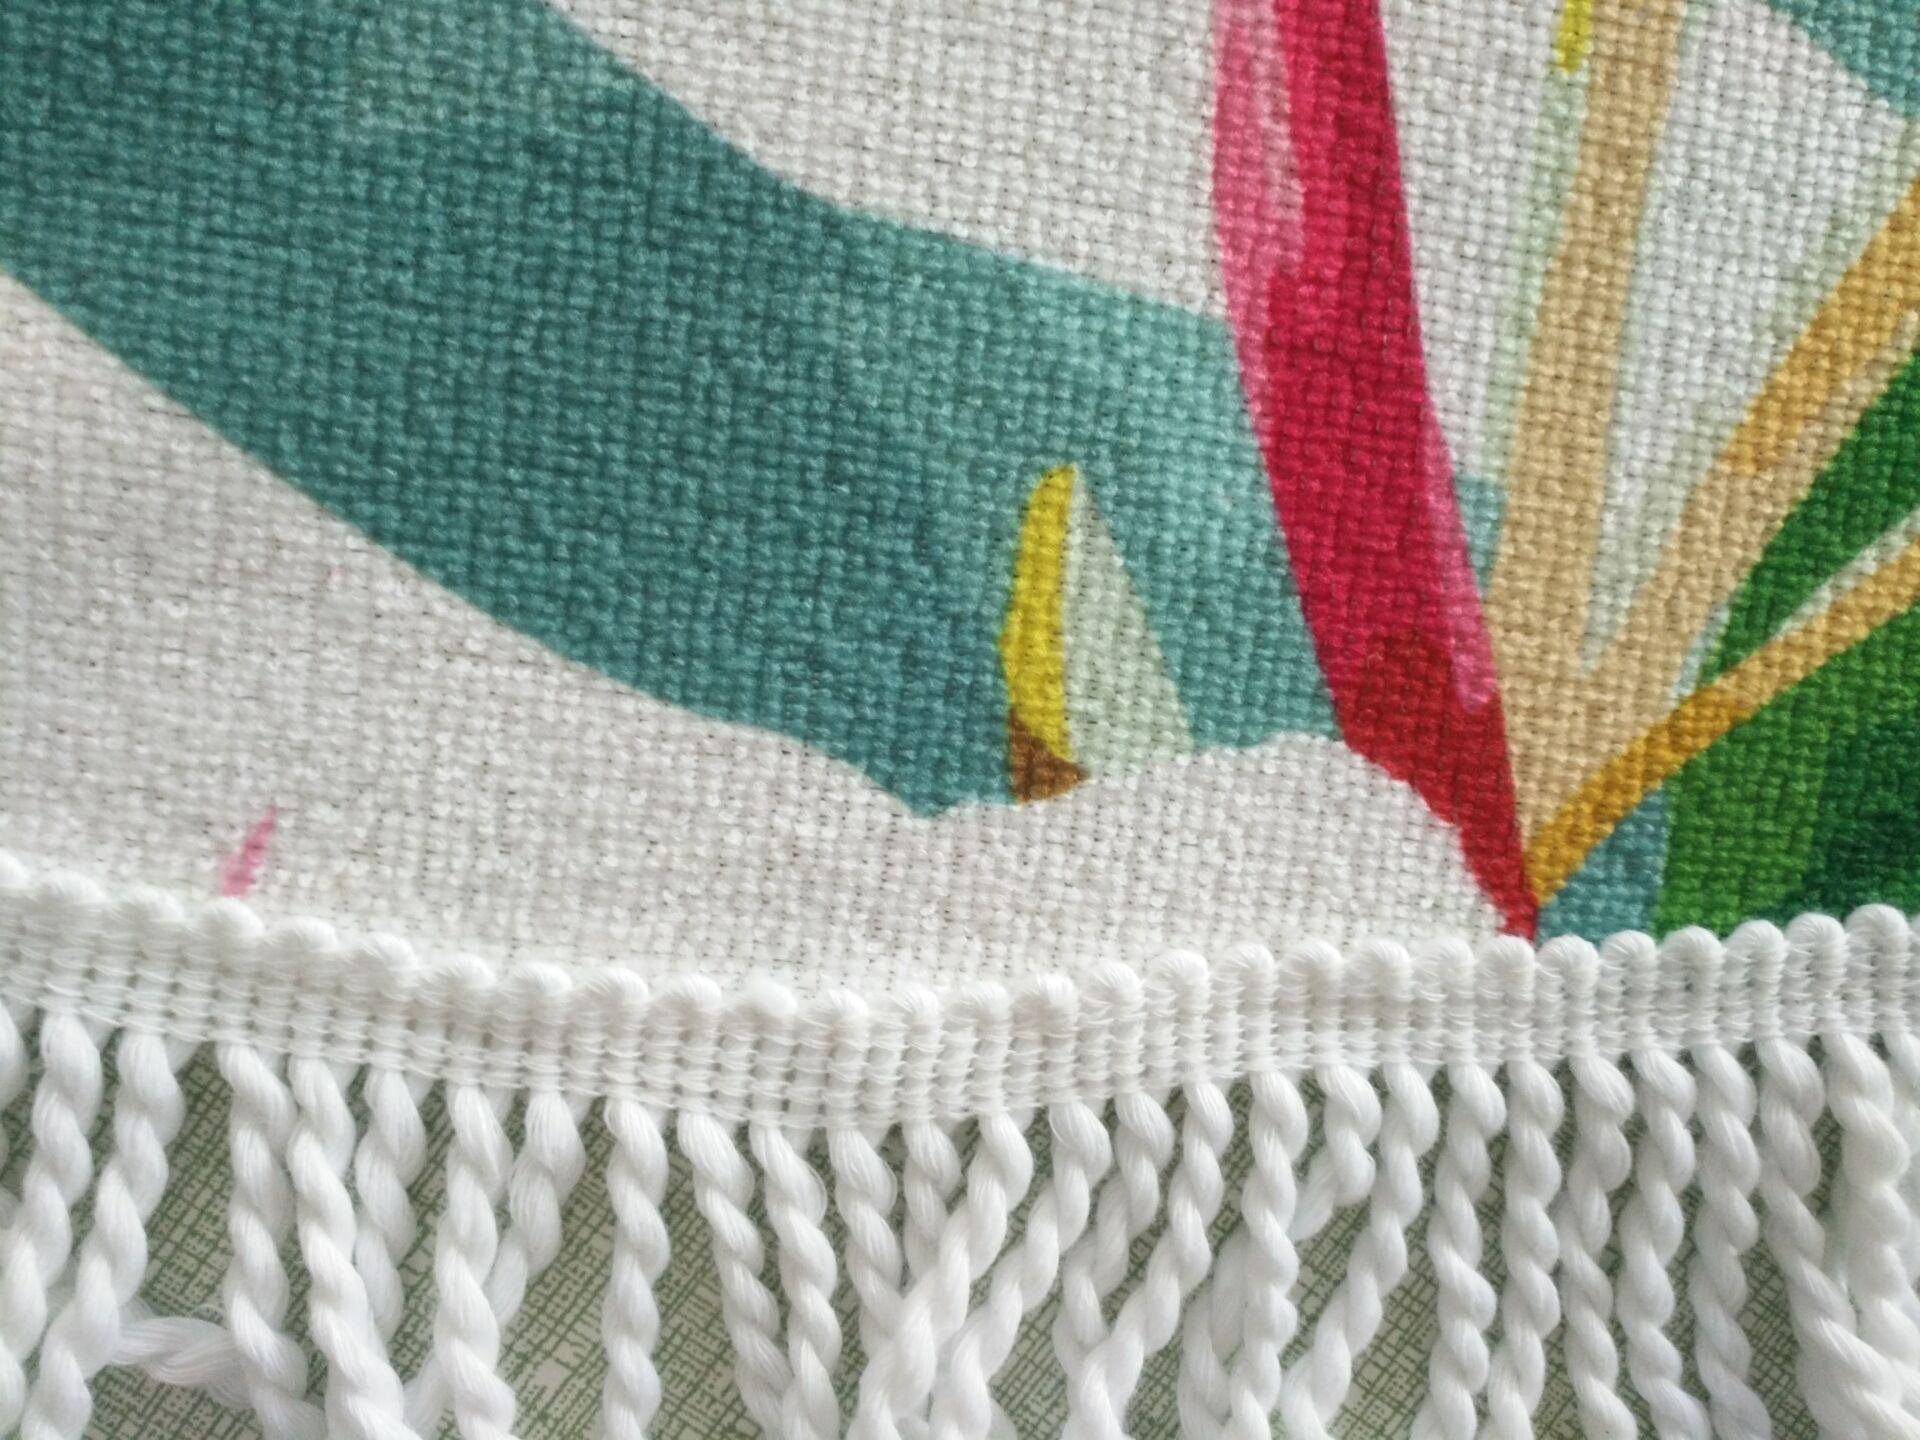 Asciugamano da spiaggia unicorni 150 * 150 cm Asciugamani da spiaggia rotondi 2018 Asciugamani da bagno estivi da nuoto Scialle cartoni animati Yoga Mat i coperta bambini C3828